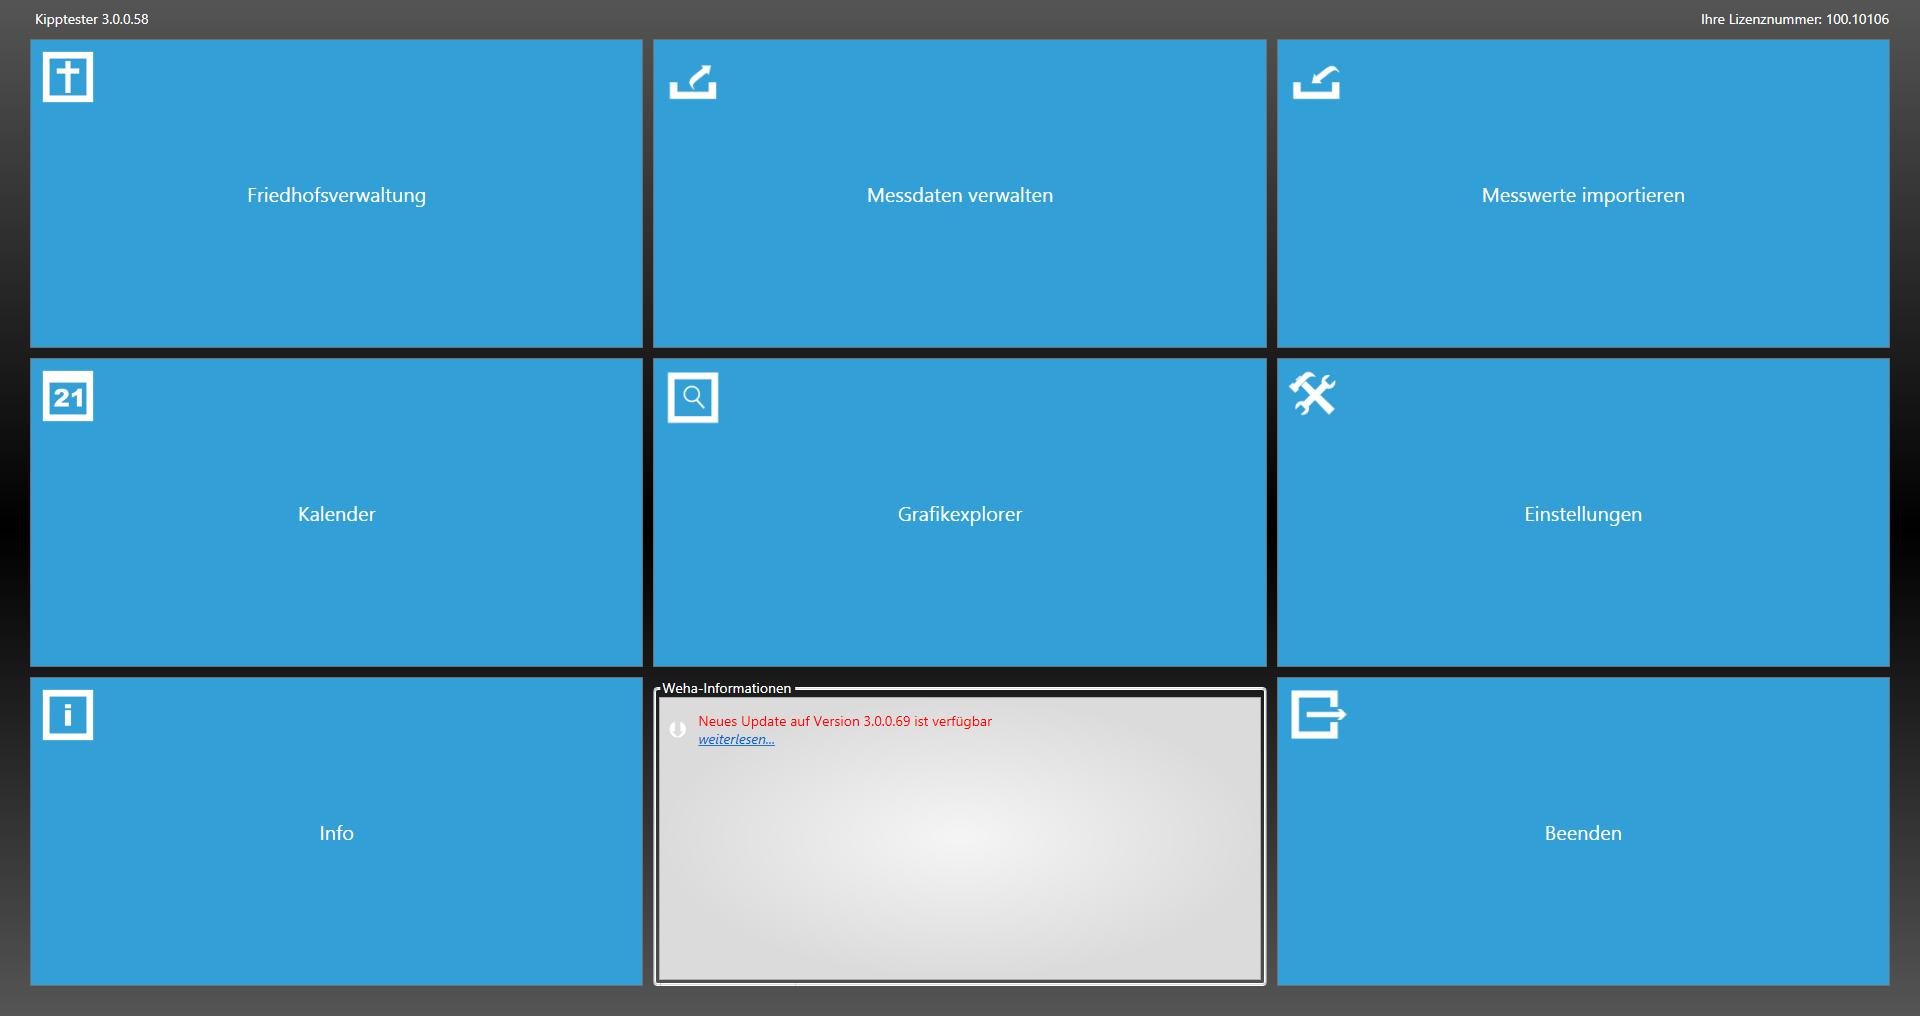 Screenshot Kipptester Software Friedhofsverwaltung Grabstein Messgerät